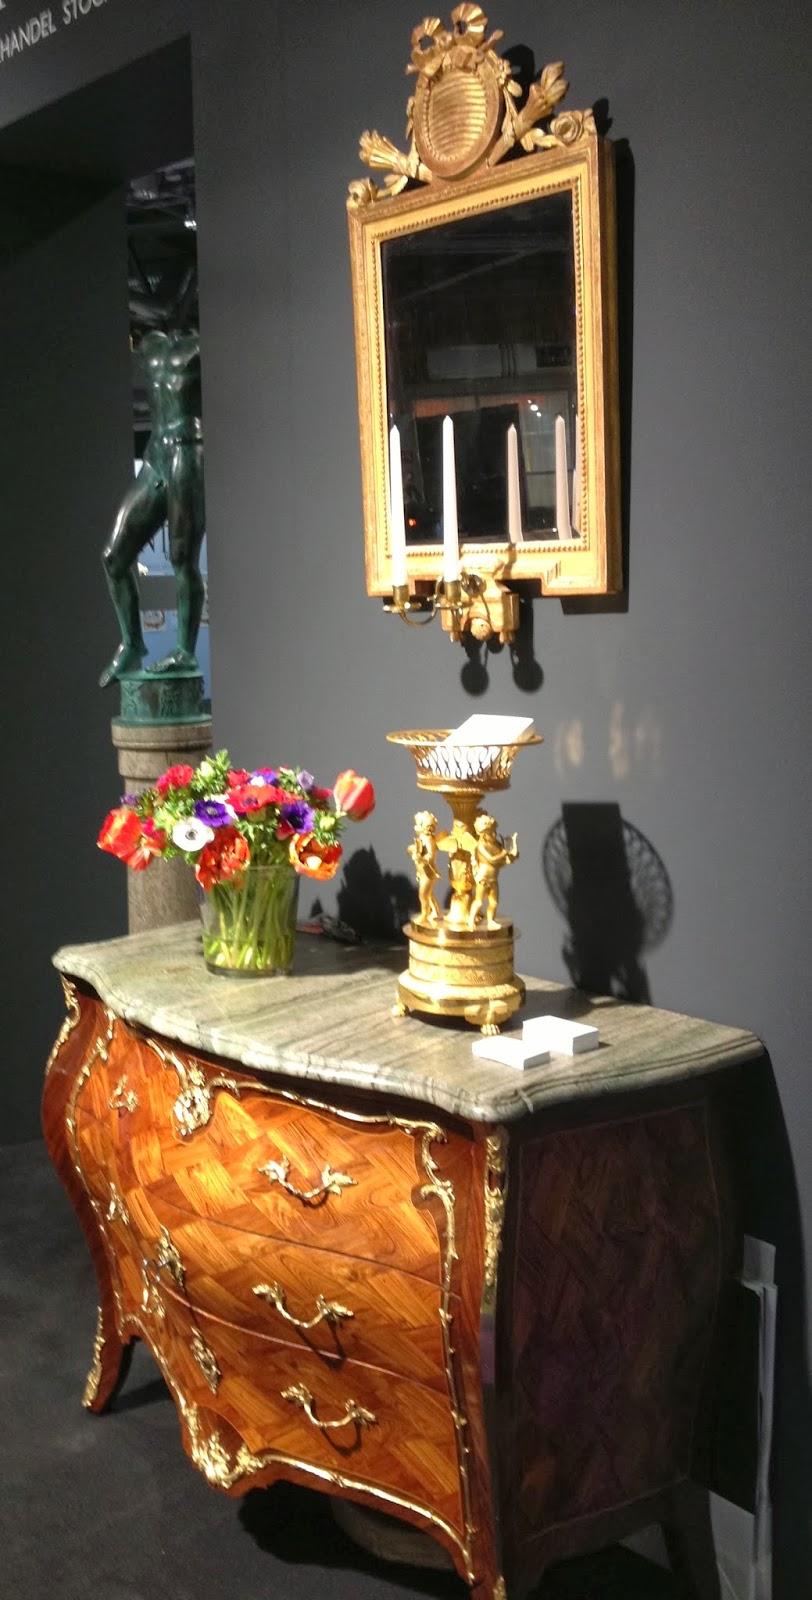 Blommiga rutan: antikmässan   konst inredning design